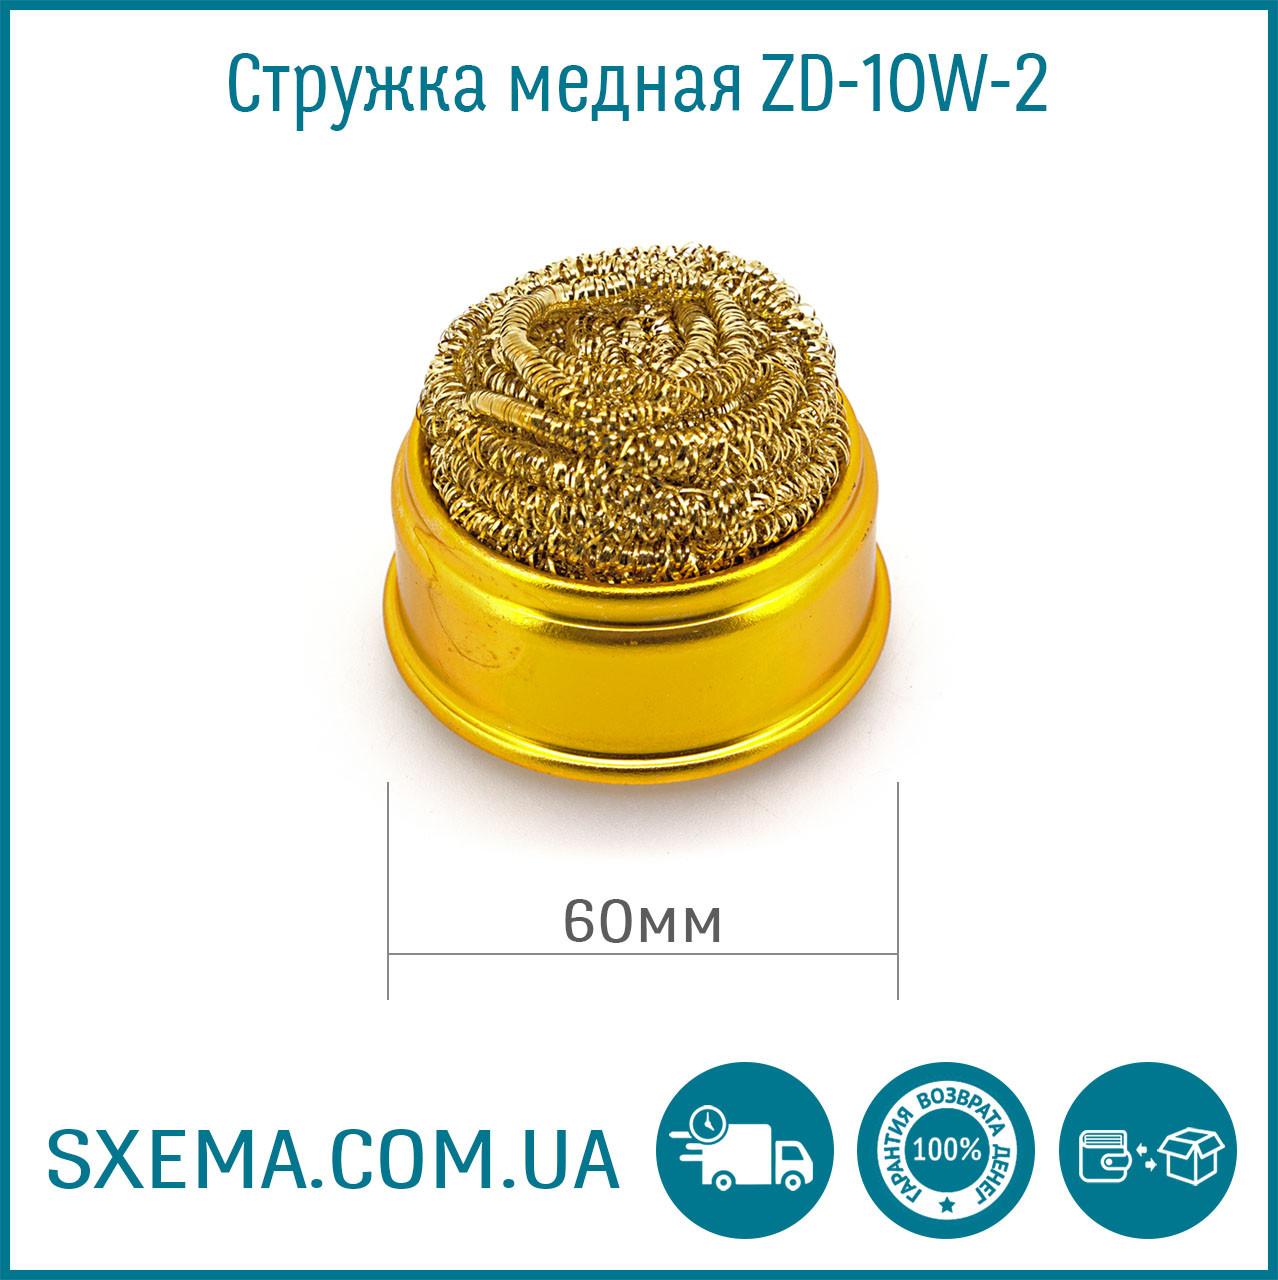 Стружка медная для очистки жала с ванночкой ZD-10W-2